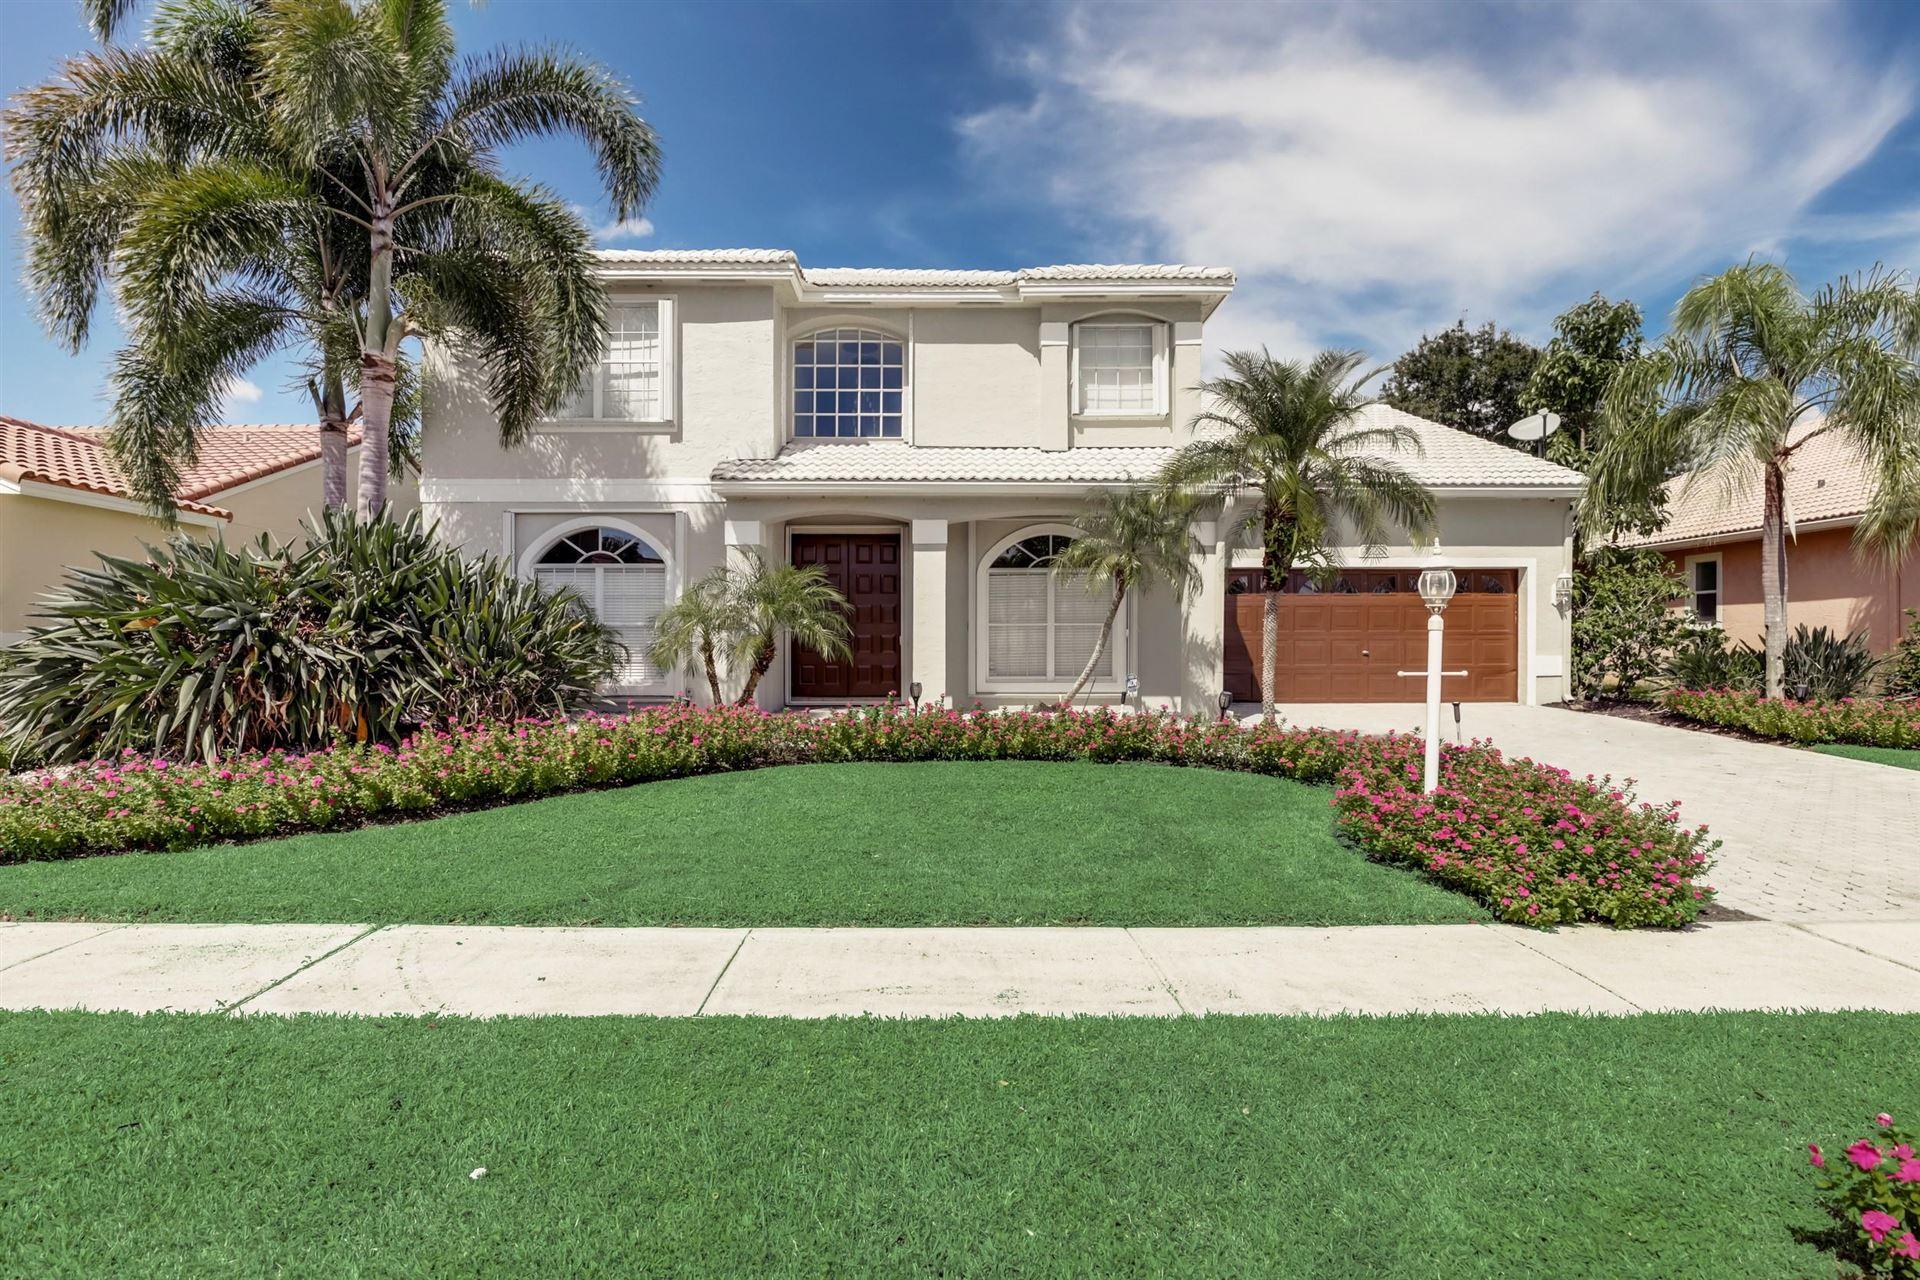 9363 Lake Serena Drive, Boca Raton, FL 33496 - #: RX-10662373